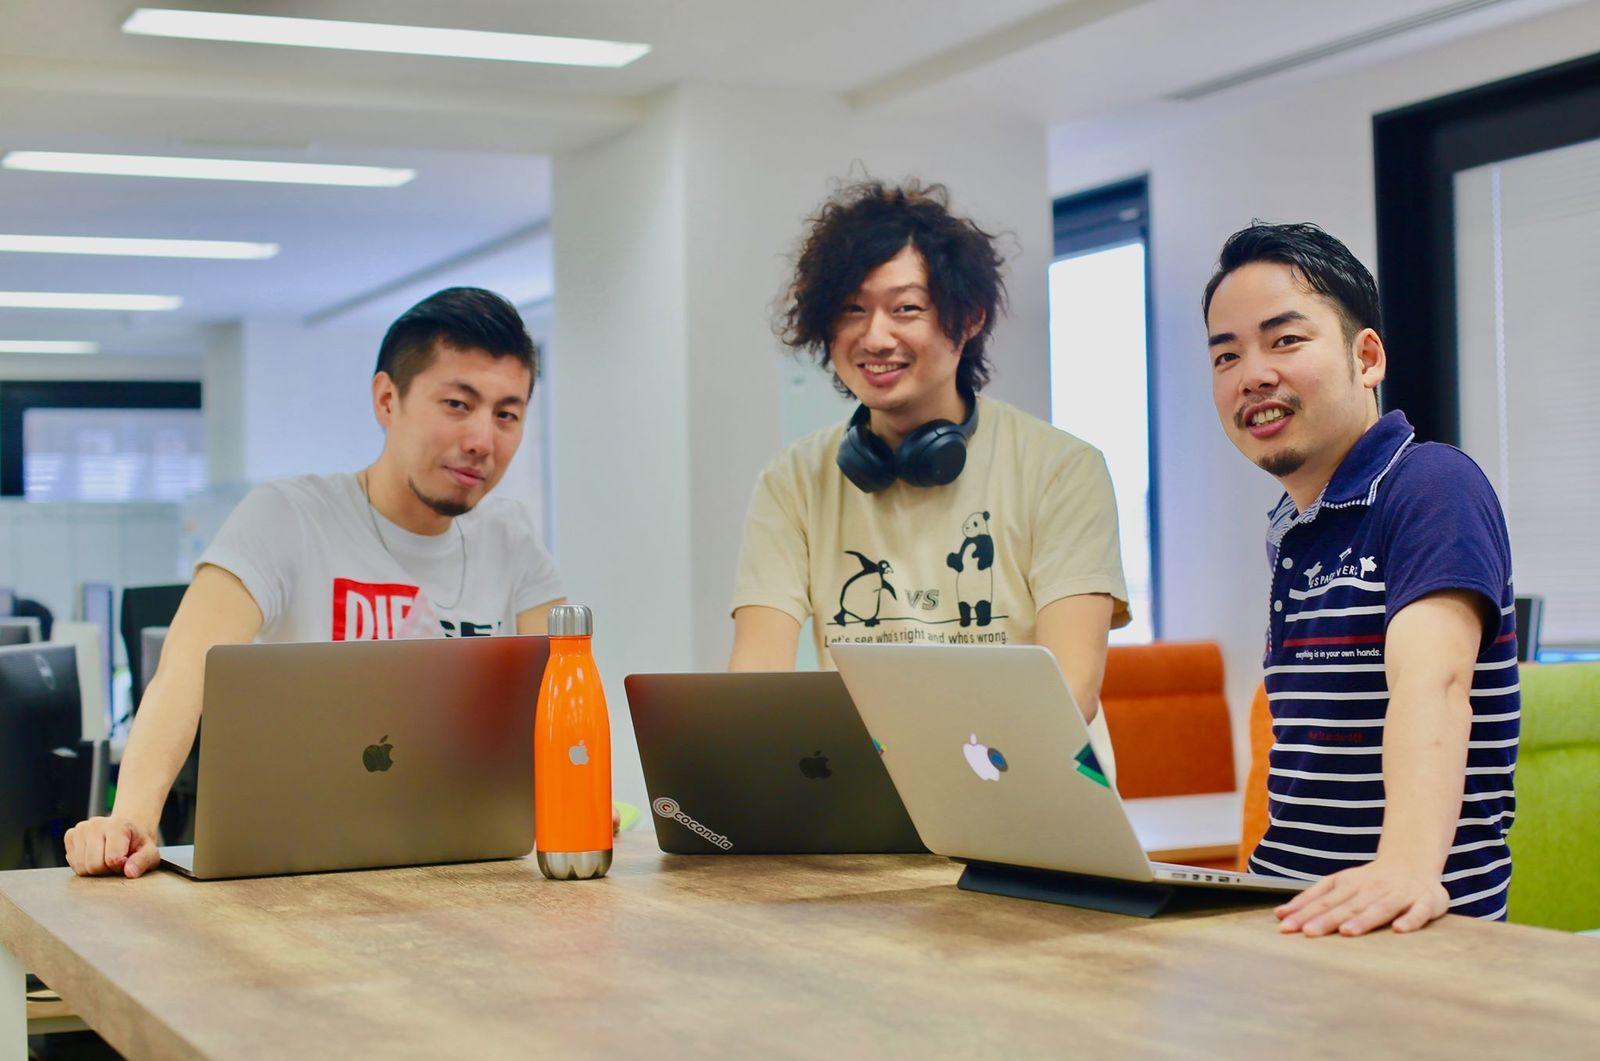 Nuxt.jsを使ってSPAを開発したいフロントエンドエンジニア募集!